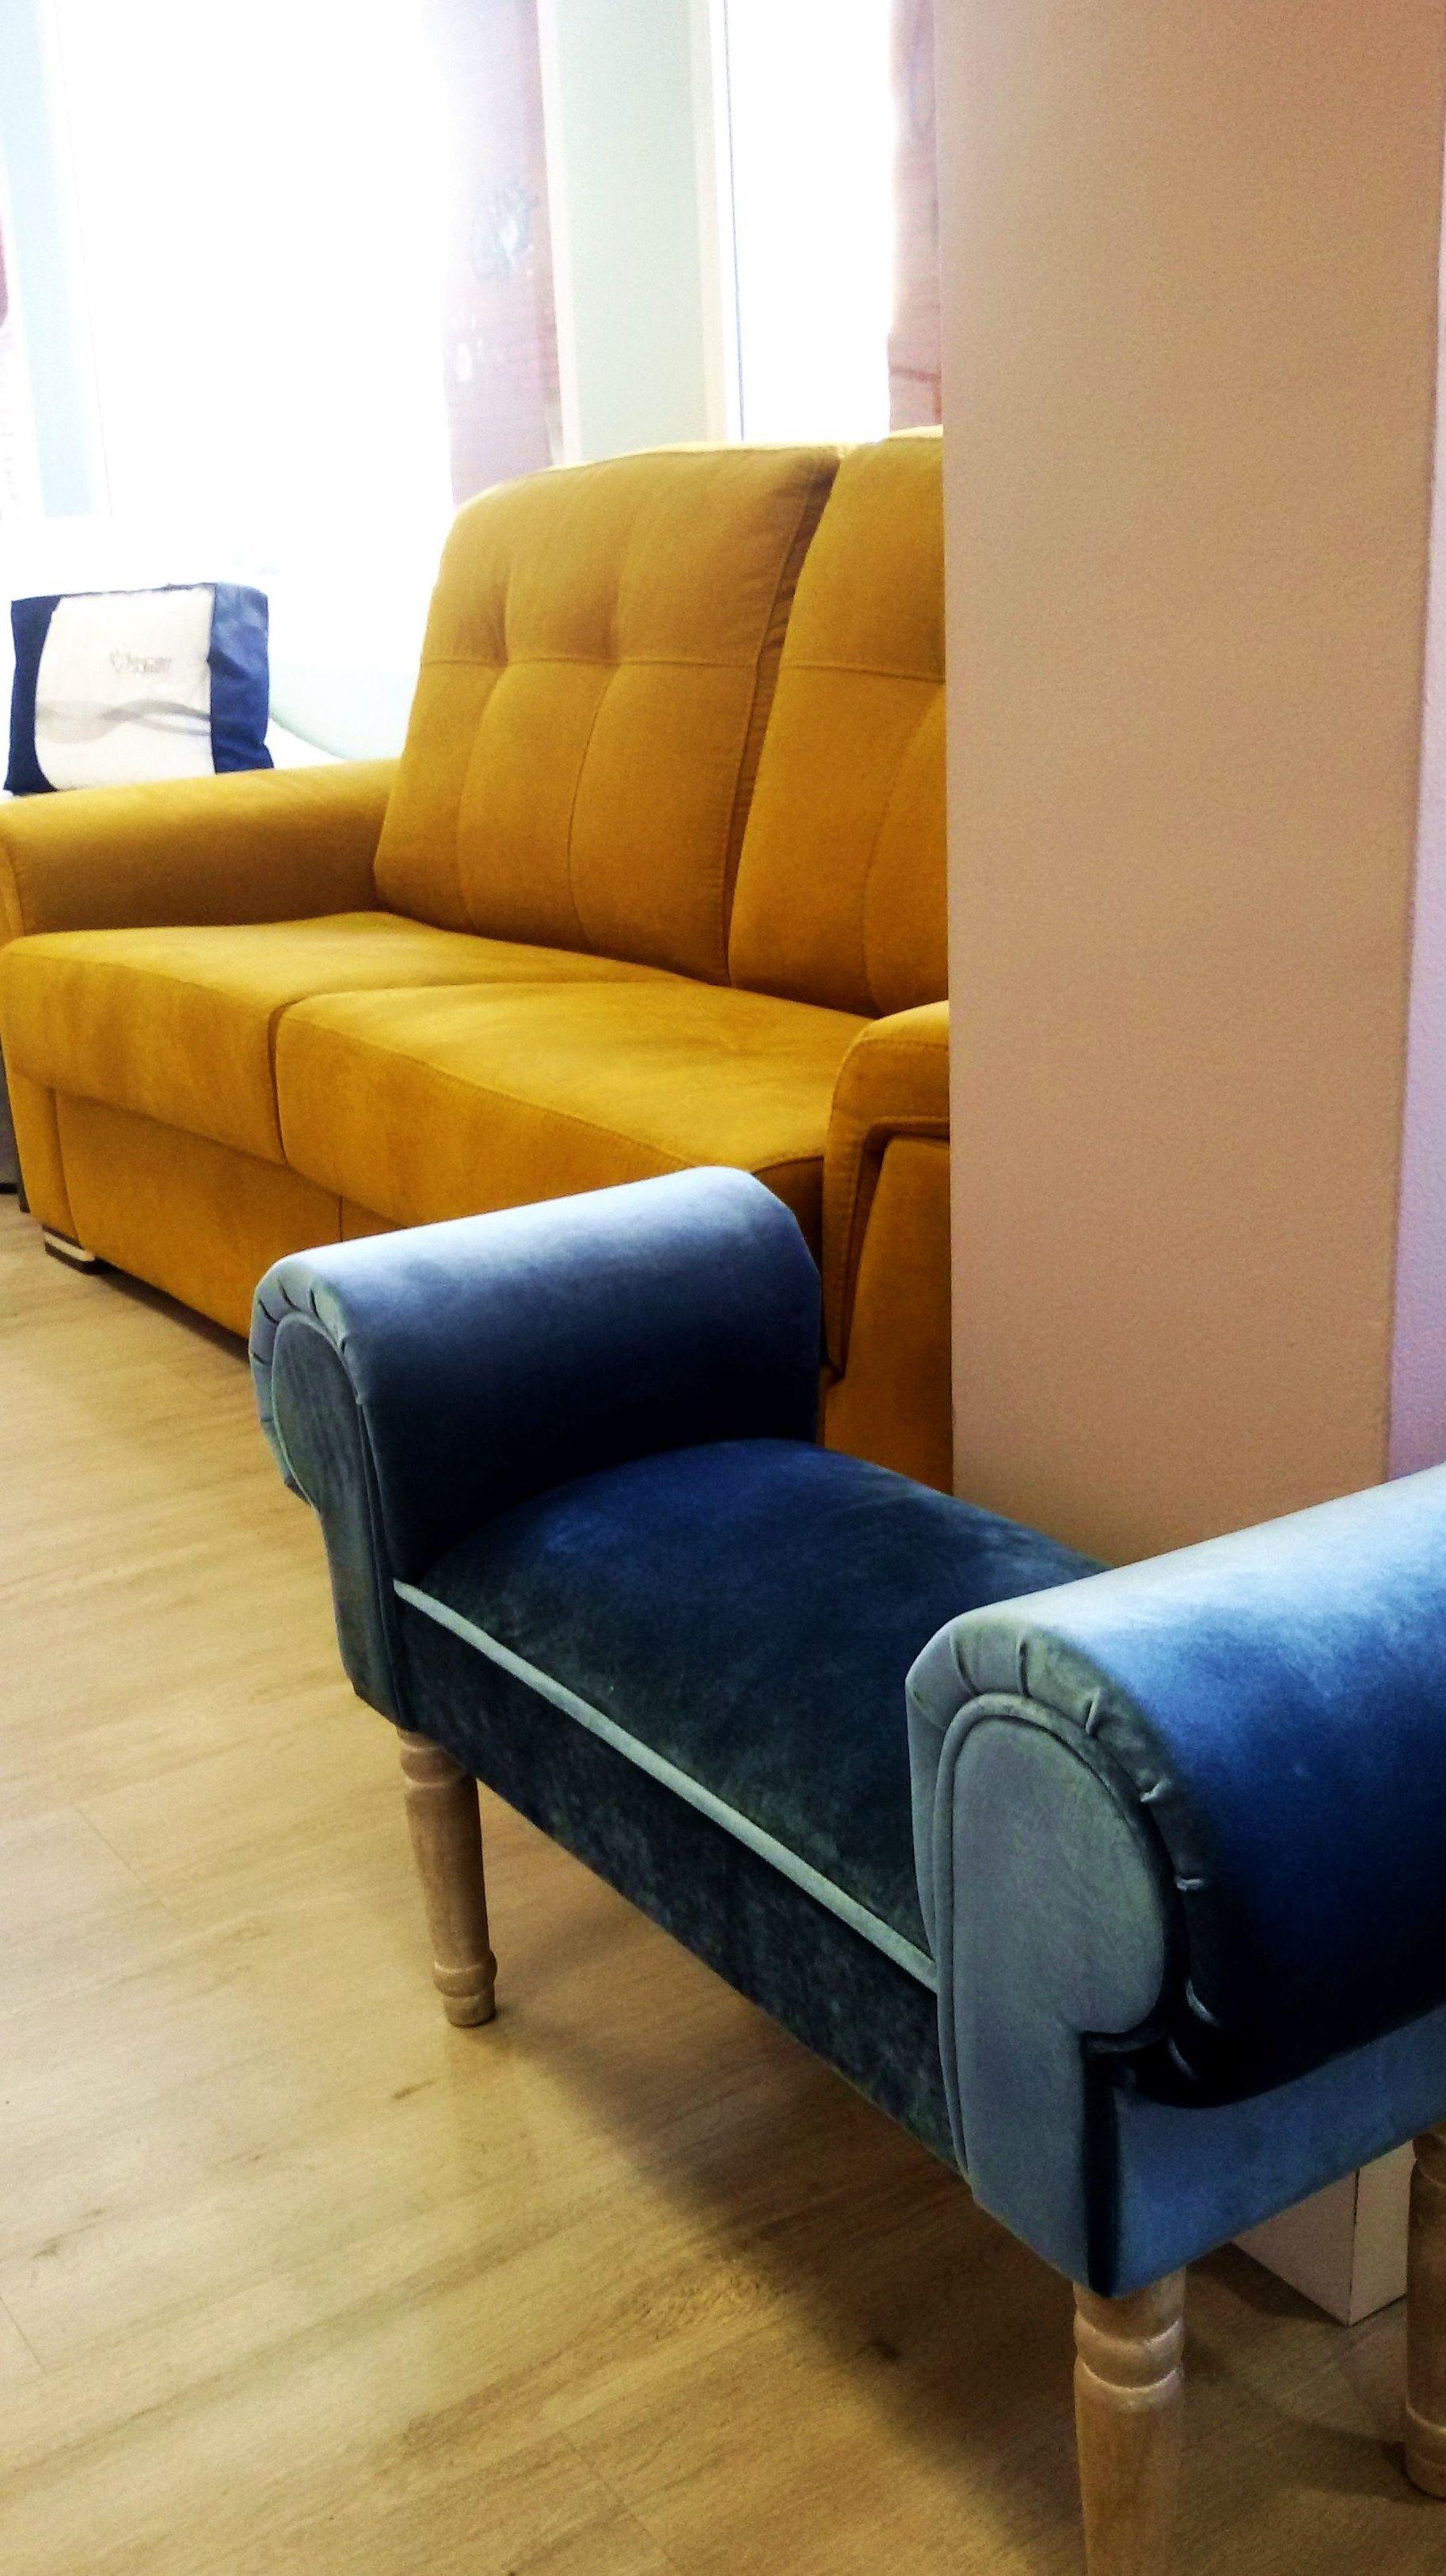 Tiendas de muebles economicos en madrid muebles oligom for Muebles economicos madrid